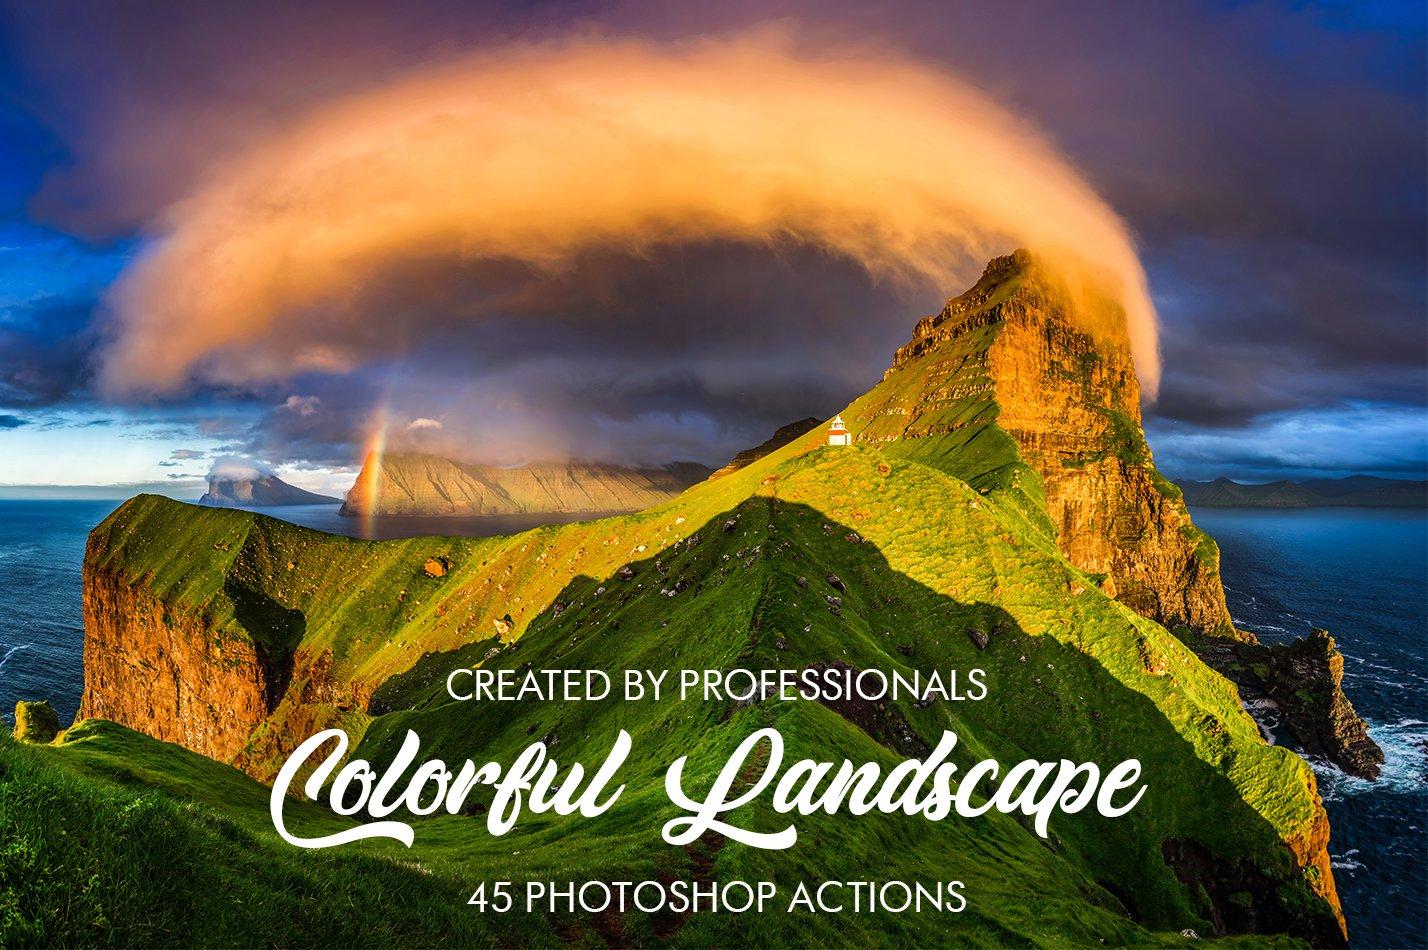 Colorful Landscape Photoshop Actions Unique Photoshop Add Ons Creative Market